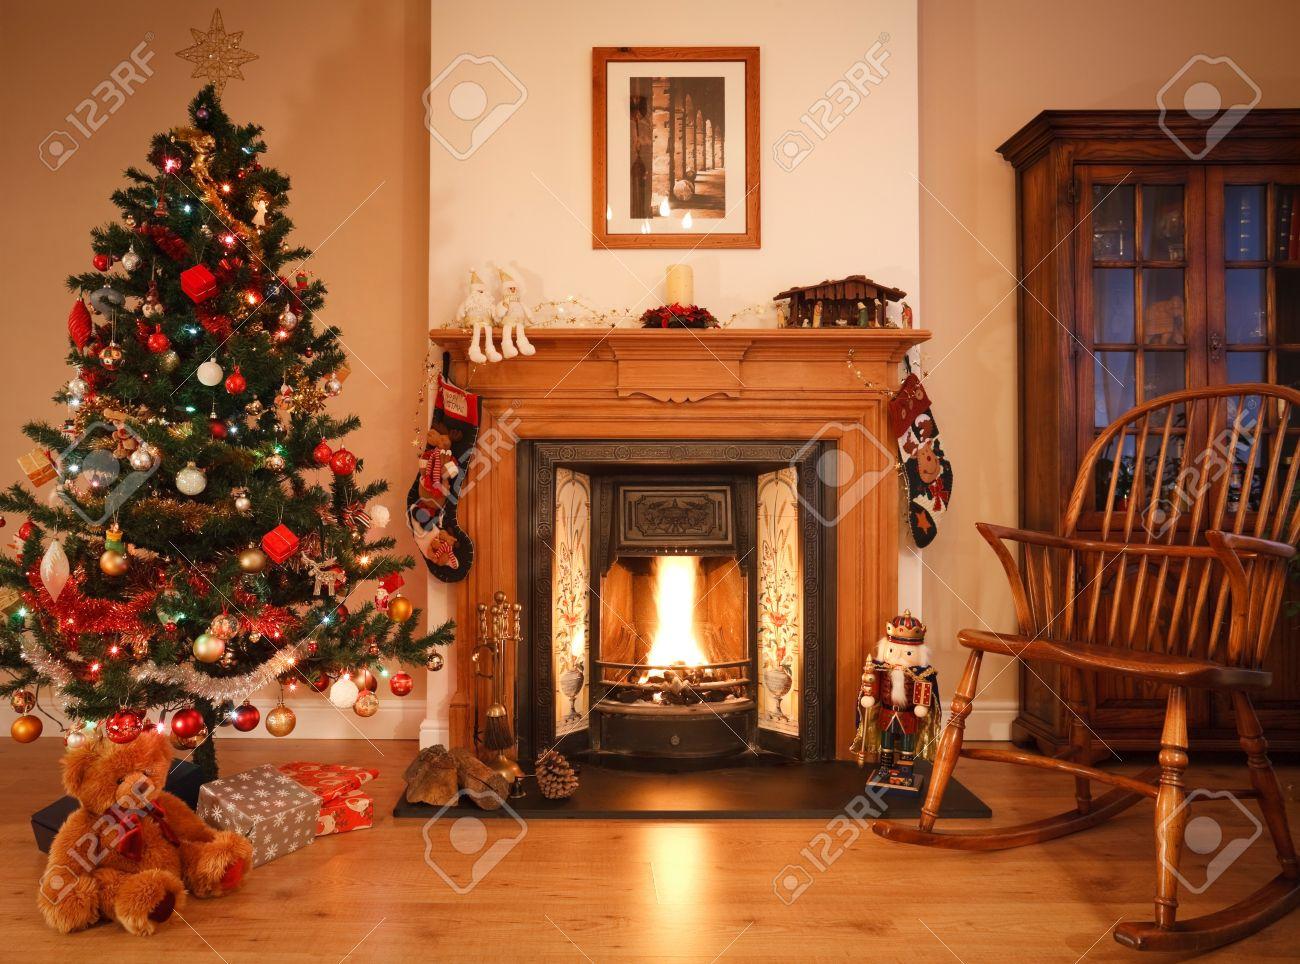 salon traditionnel avec une cheminée confortable, ornée de